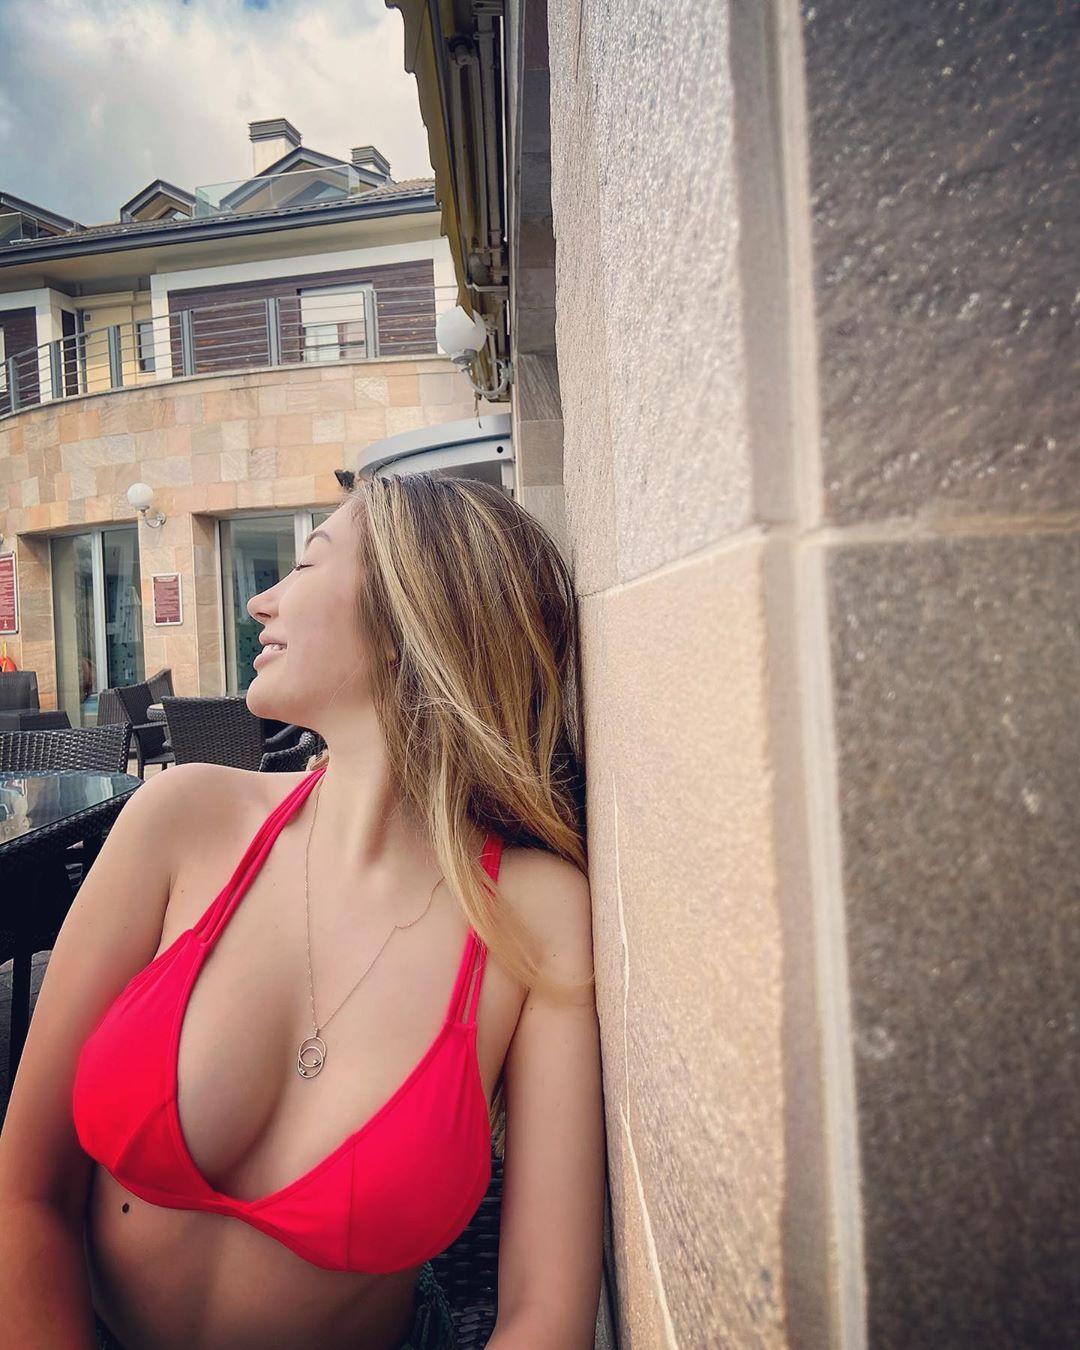 Yasmin Erbil kırmızı bikinisiyle dikkat çekti - Sayfa 3